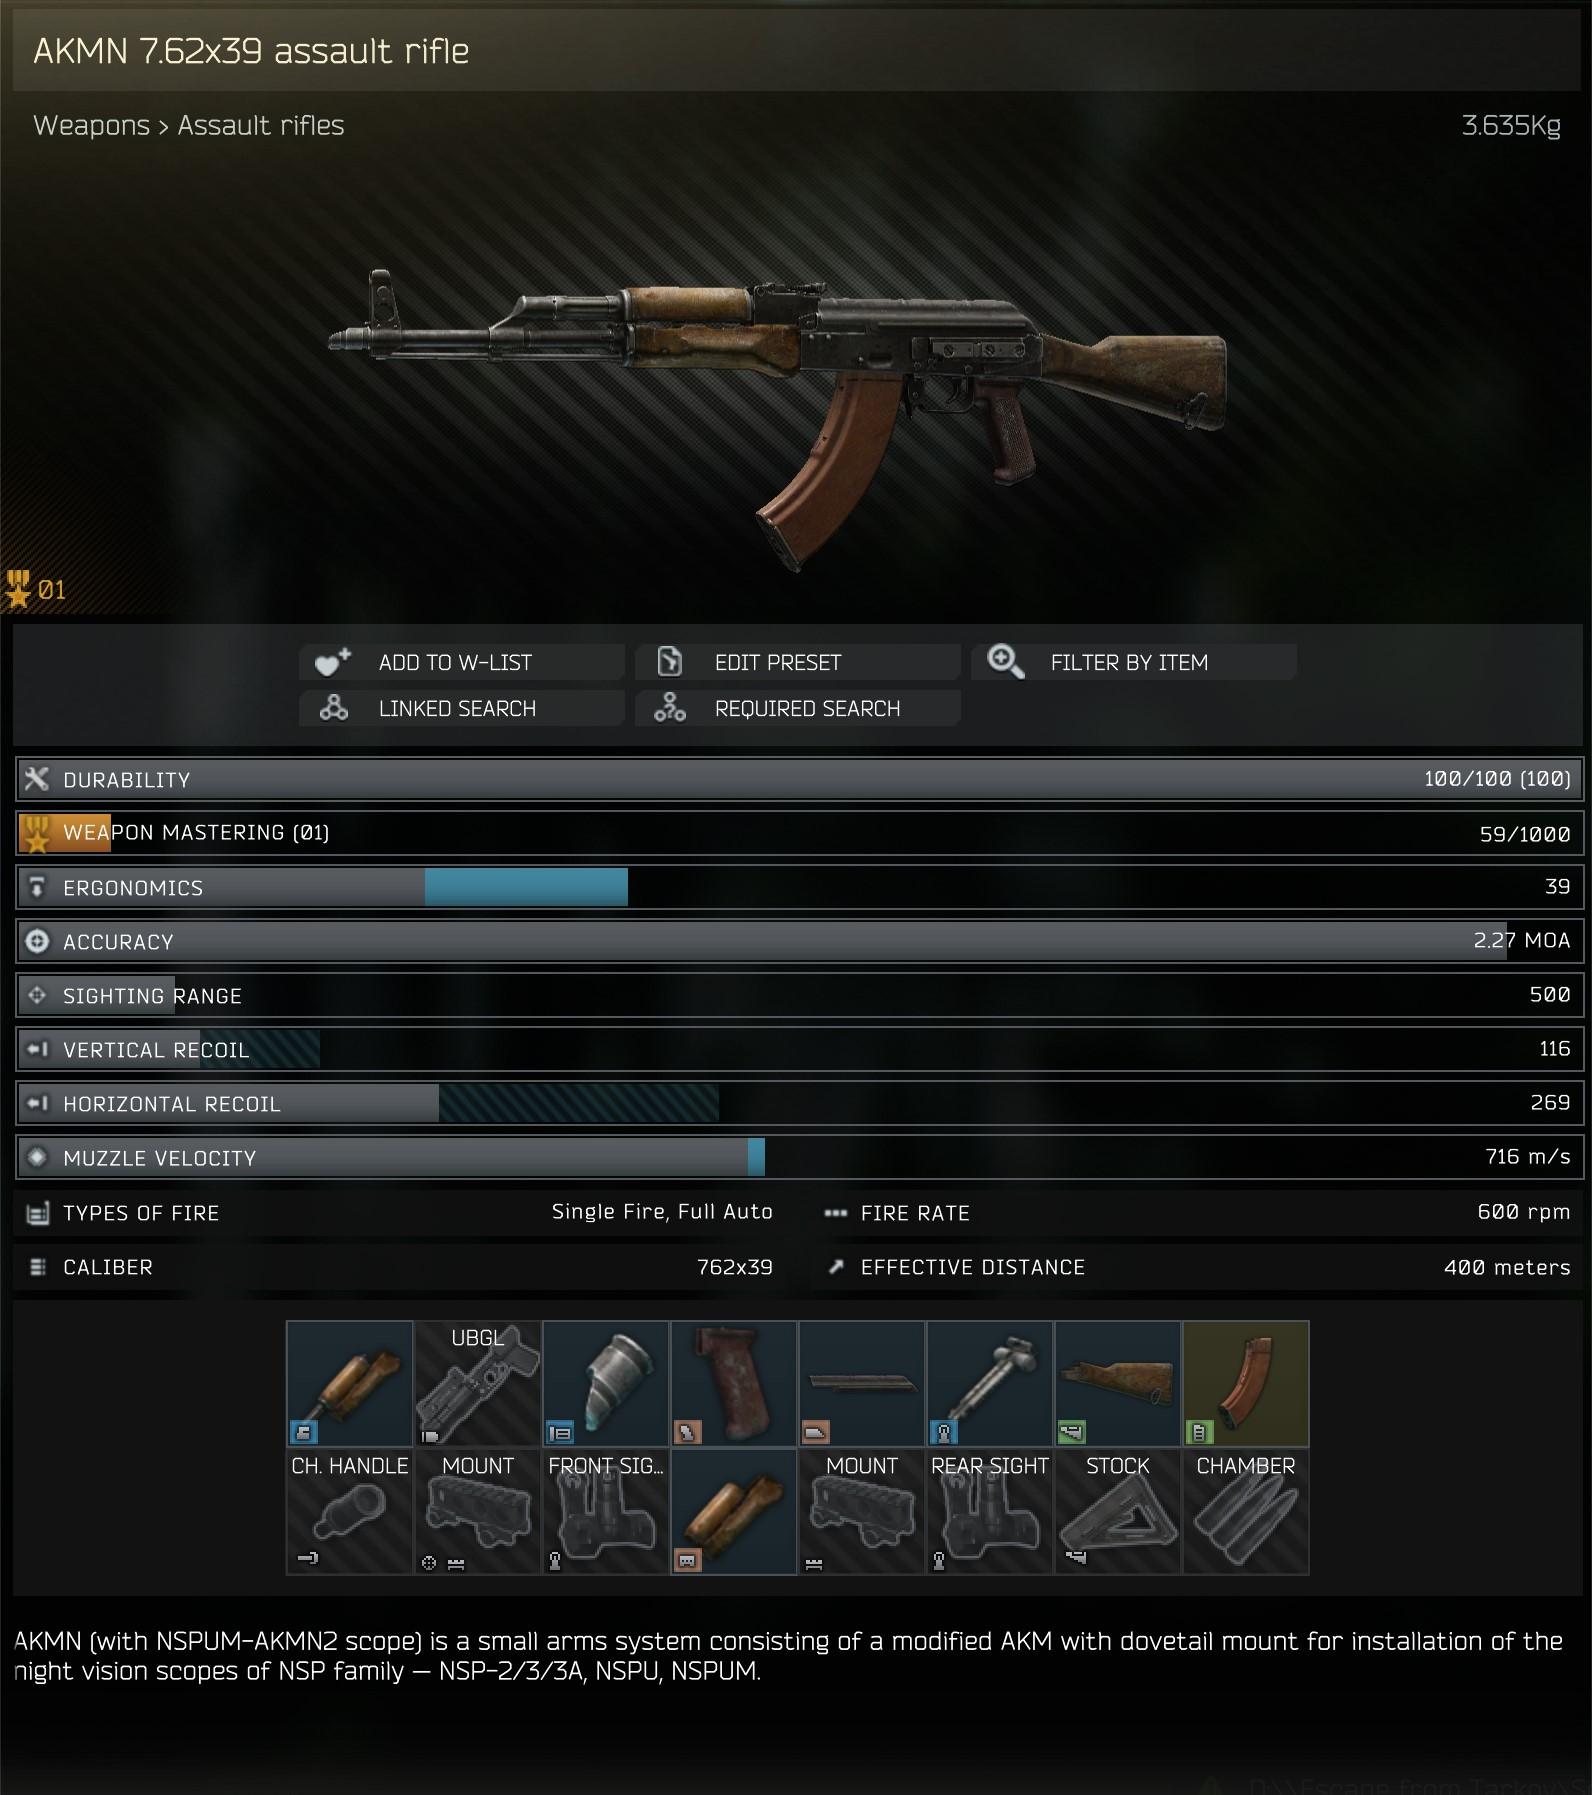 AKMN 7.62x39 assault rifle.jpg